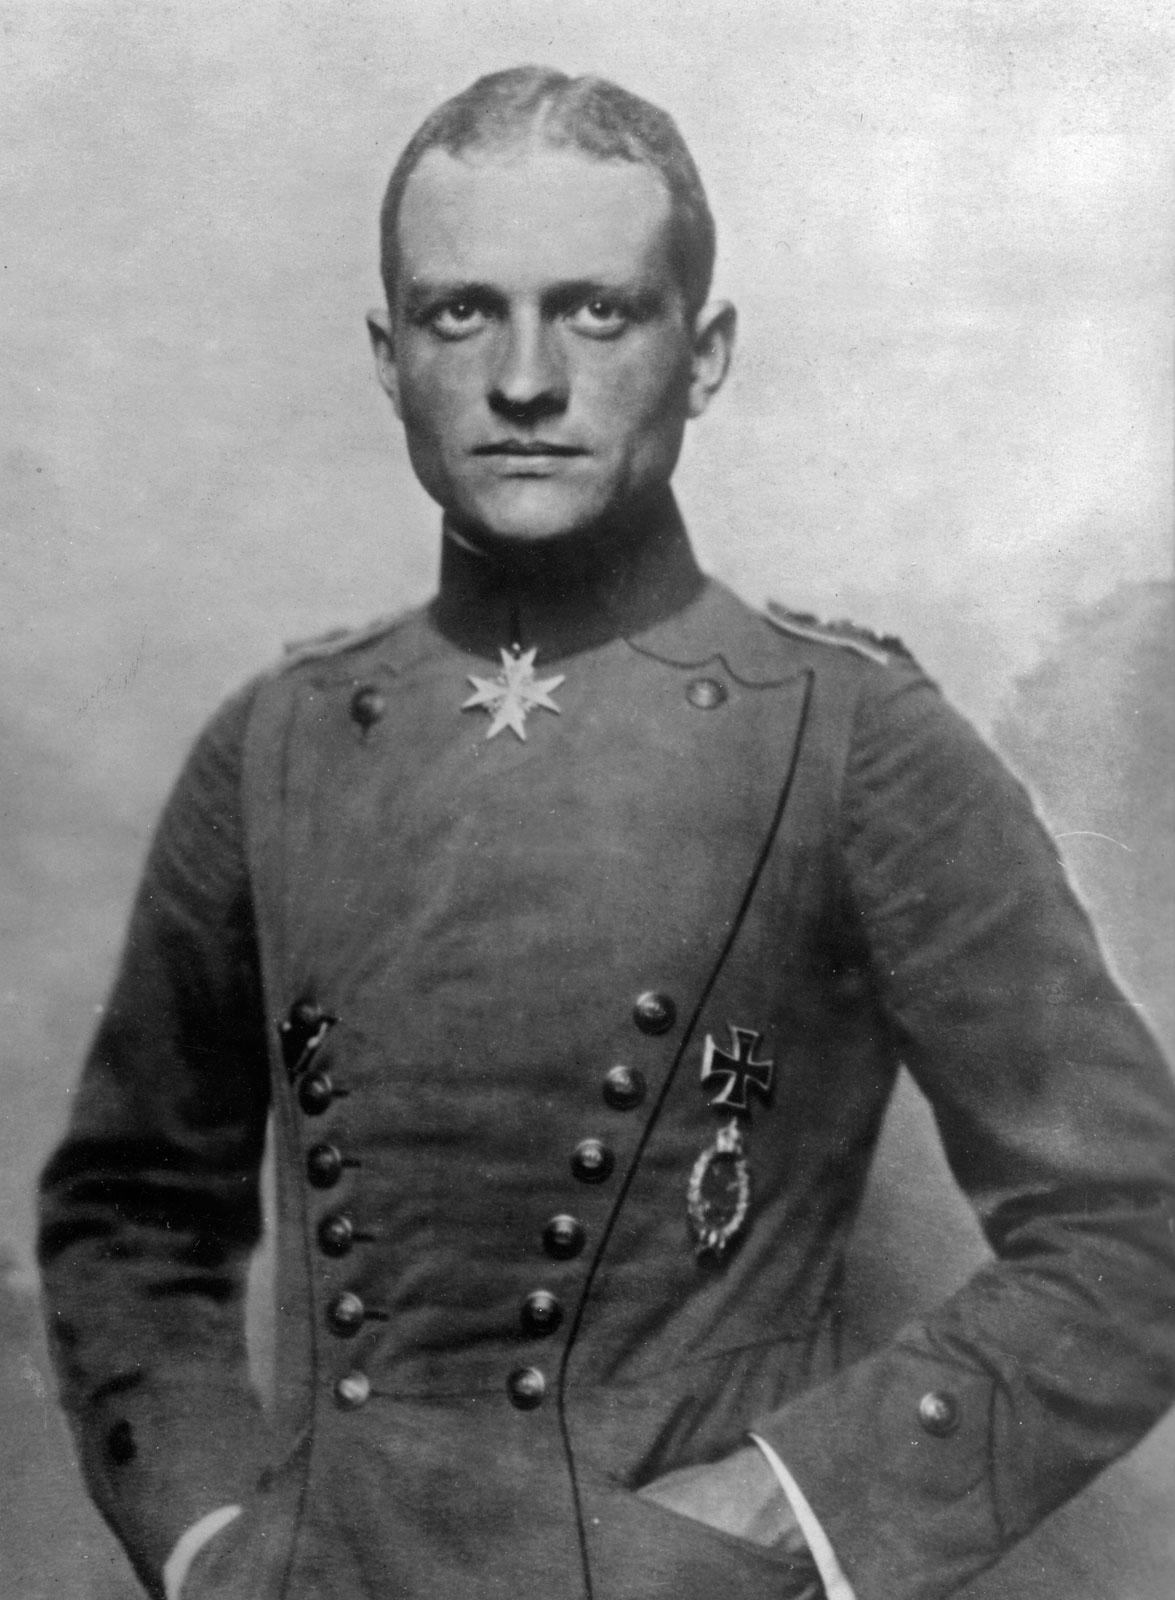 Manfred Von Richtofen portrait